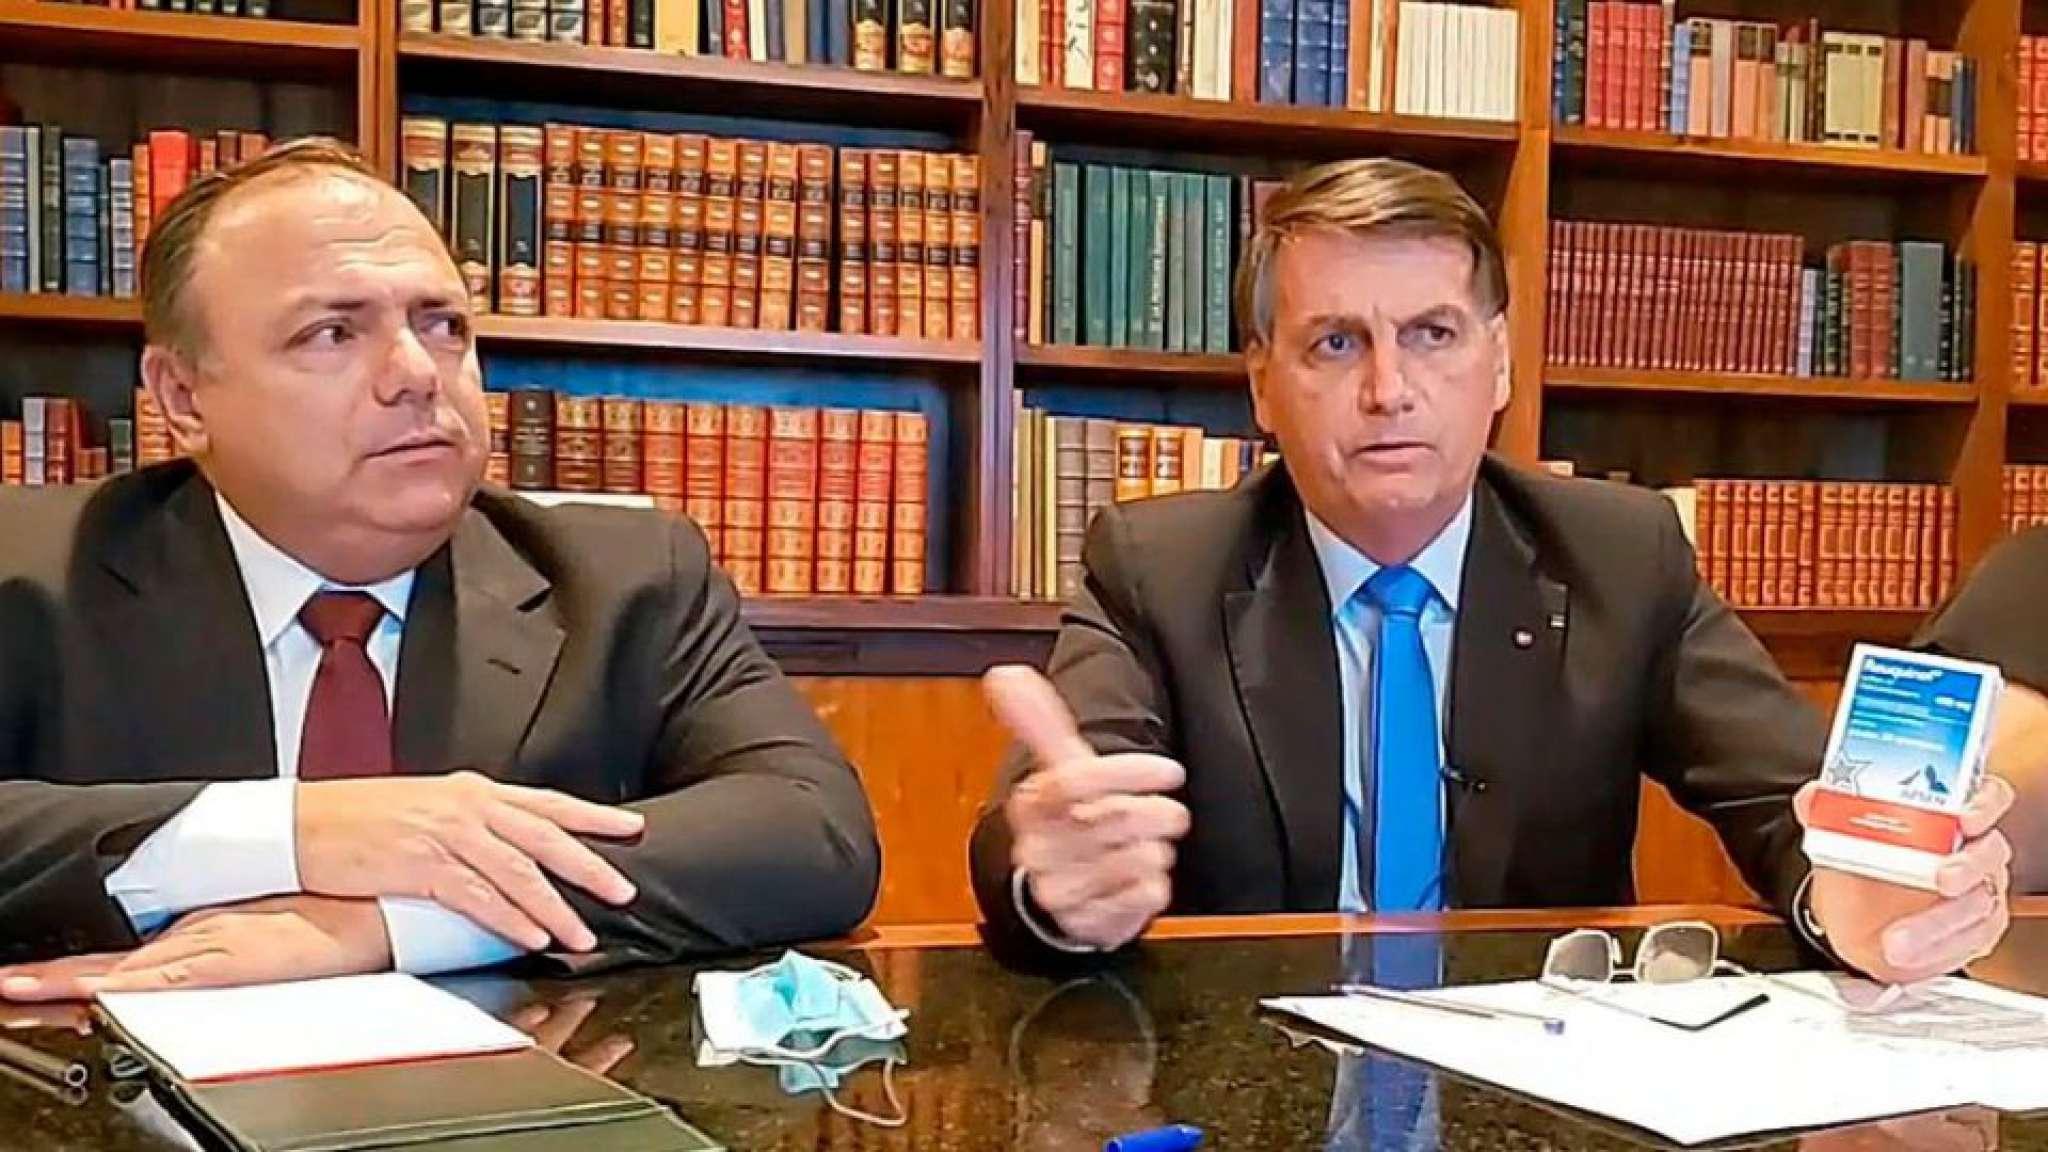 Em video, ao lado de Pazuello, Bolsonaro indica produto para tratamento precoce